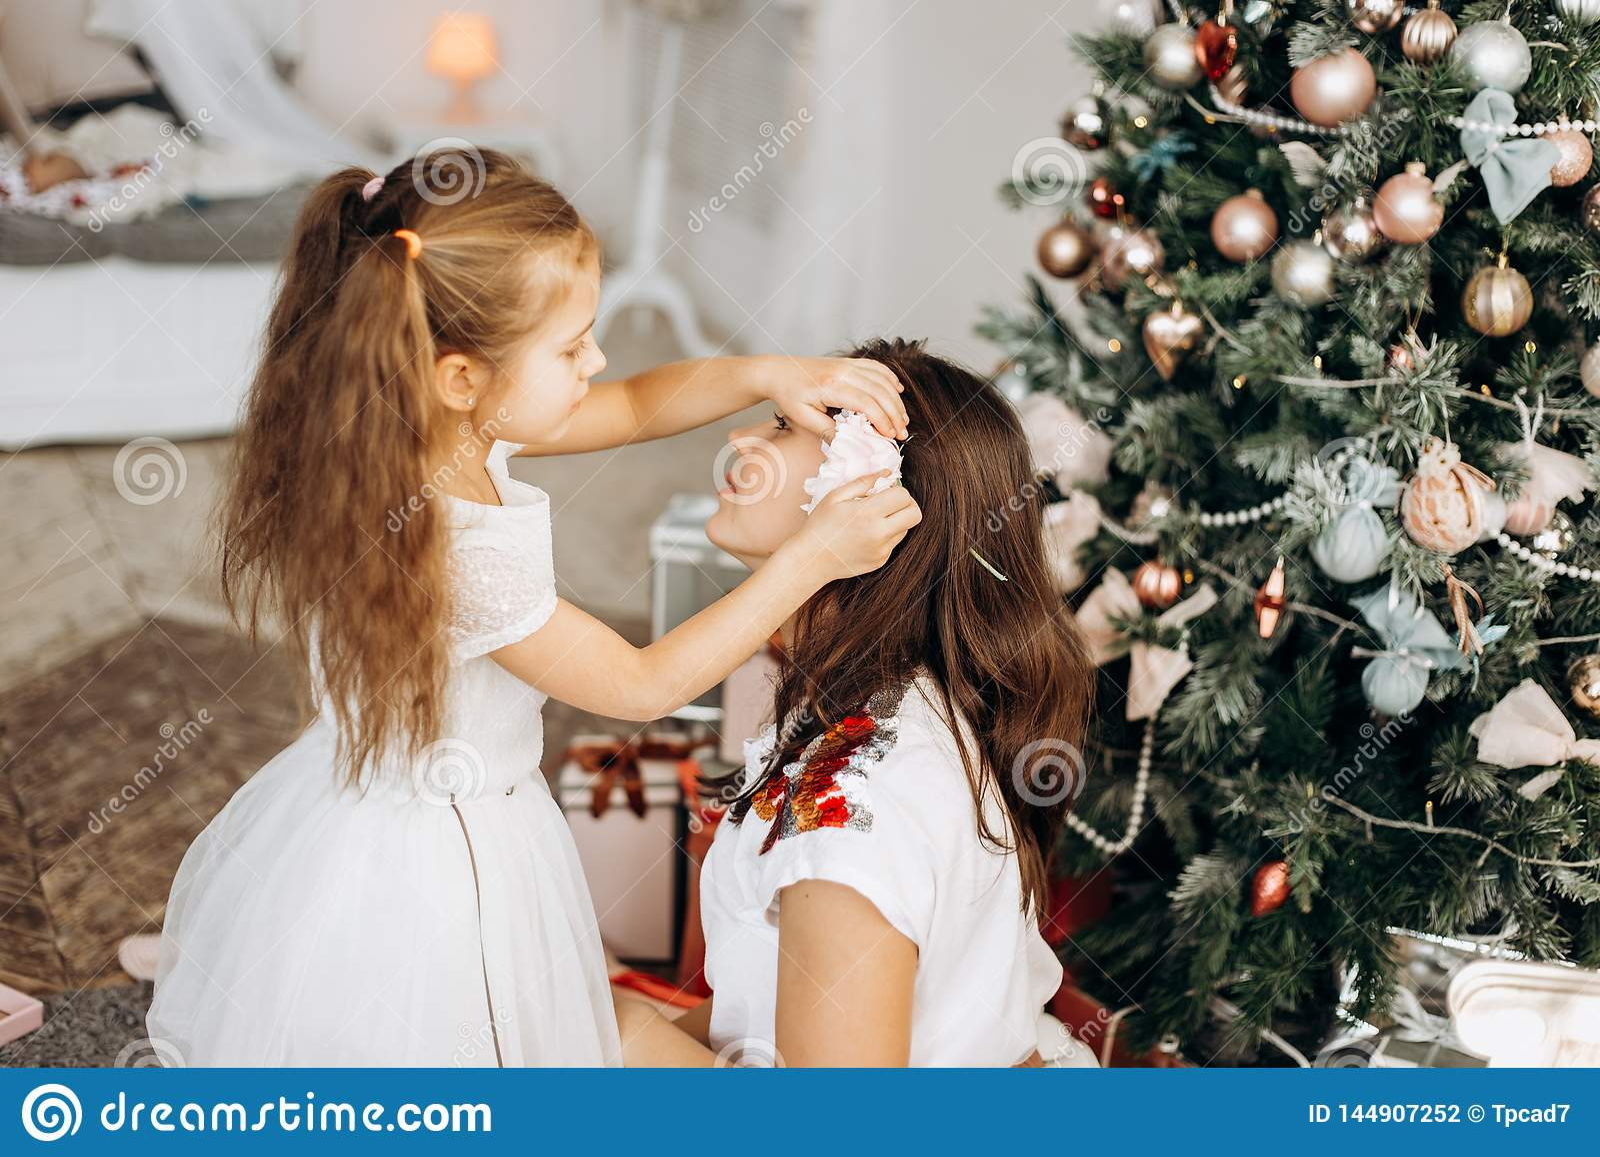 När du charmar den lilla dottern i trevlig klänning satte en blomma i moderhår nära det nya årets träd